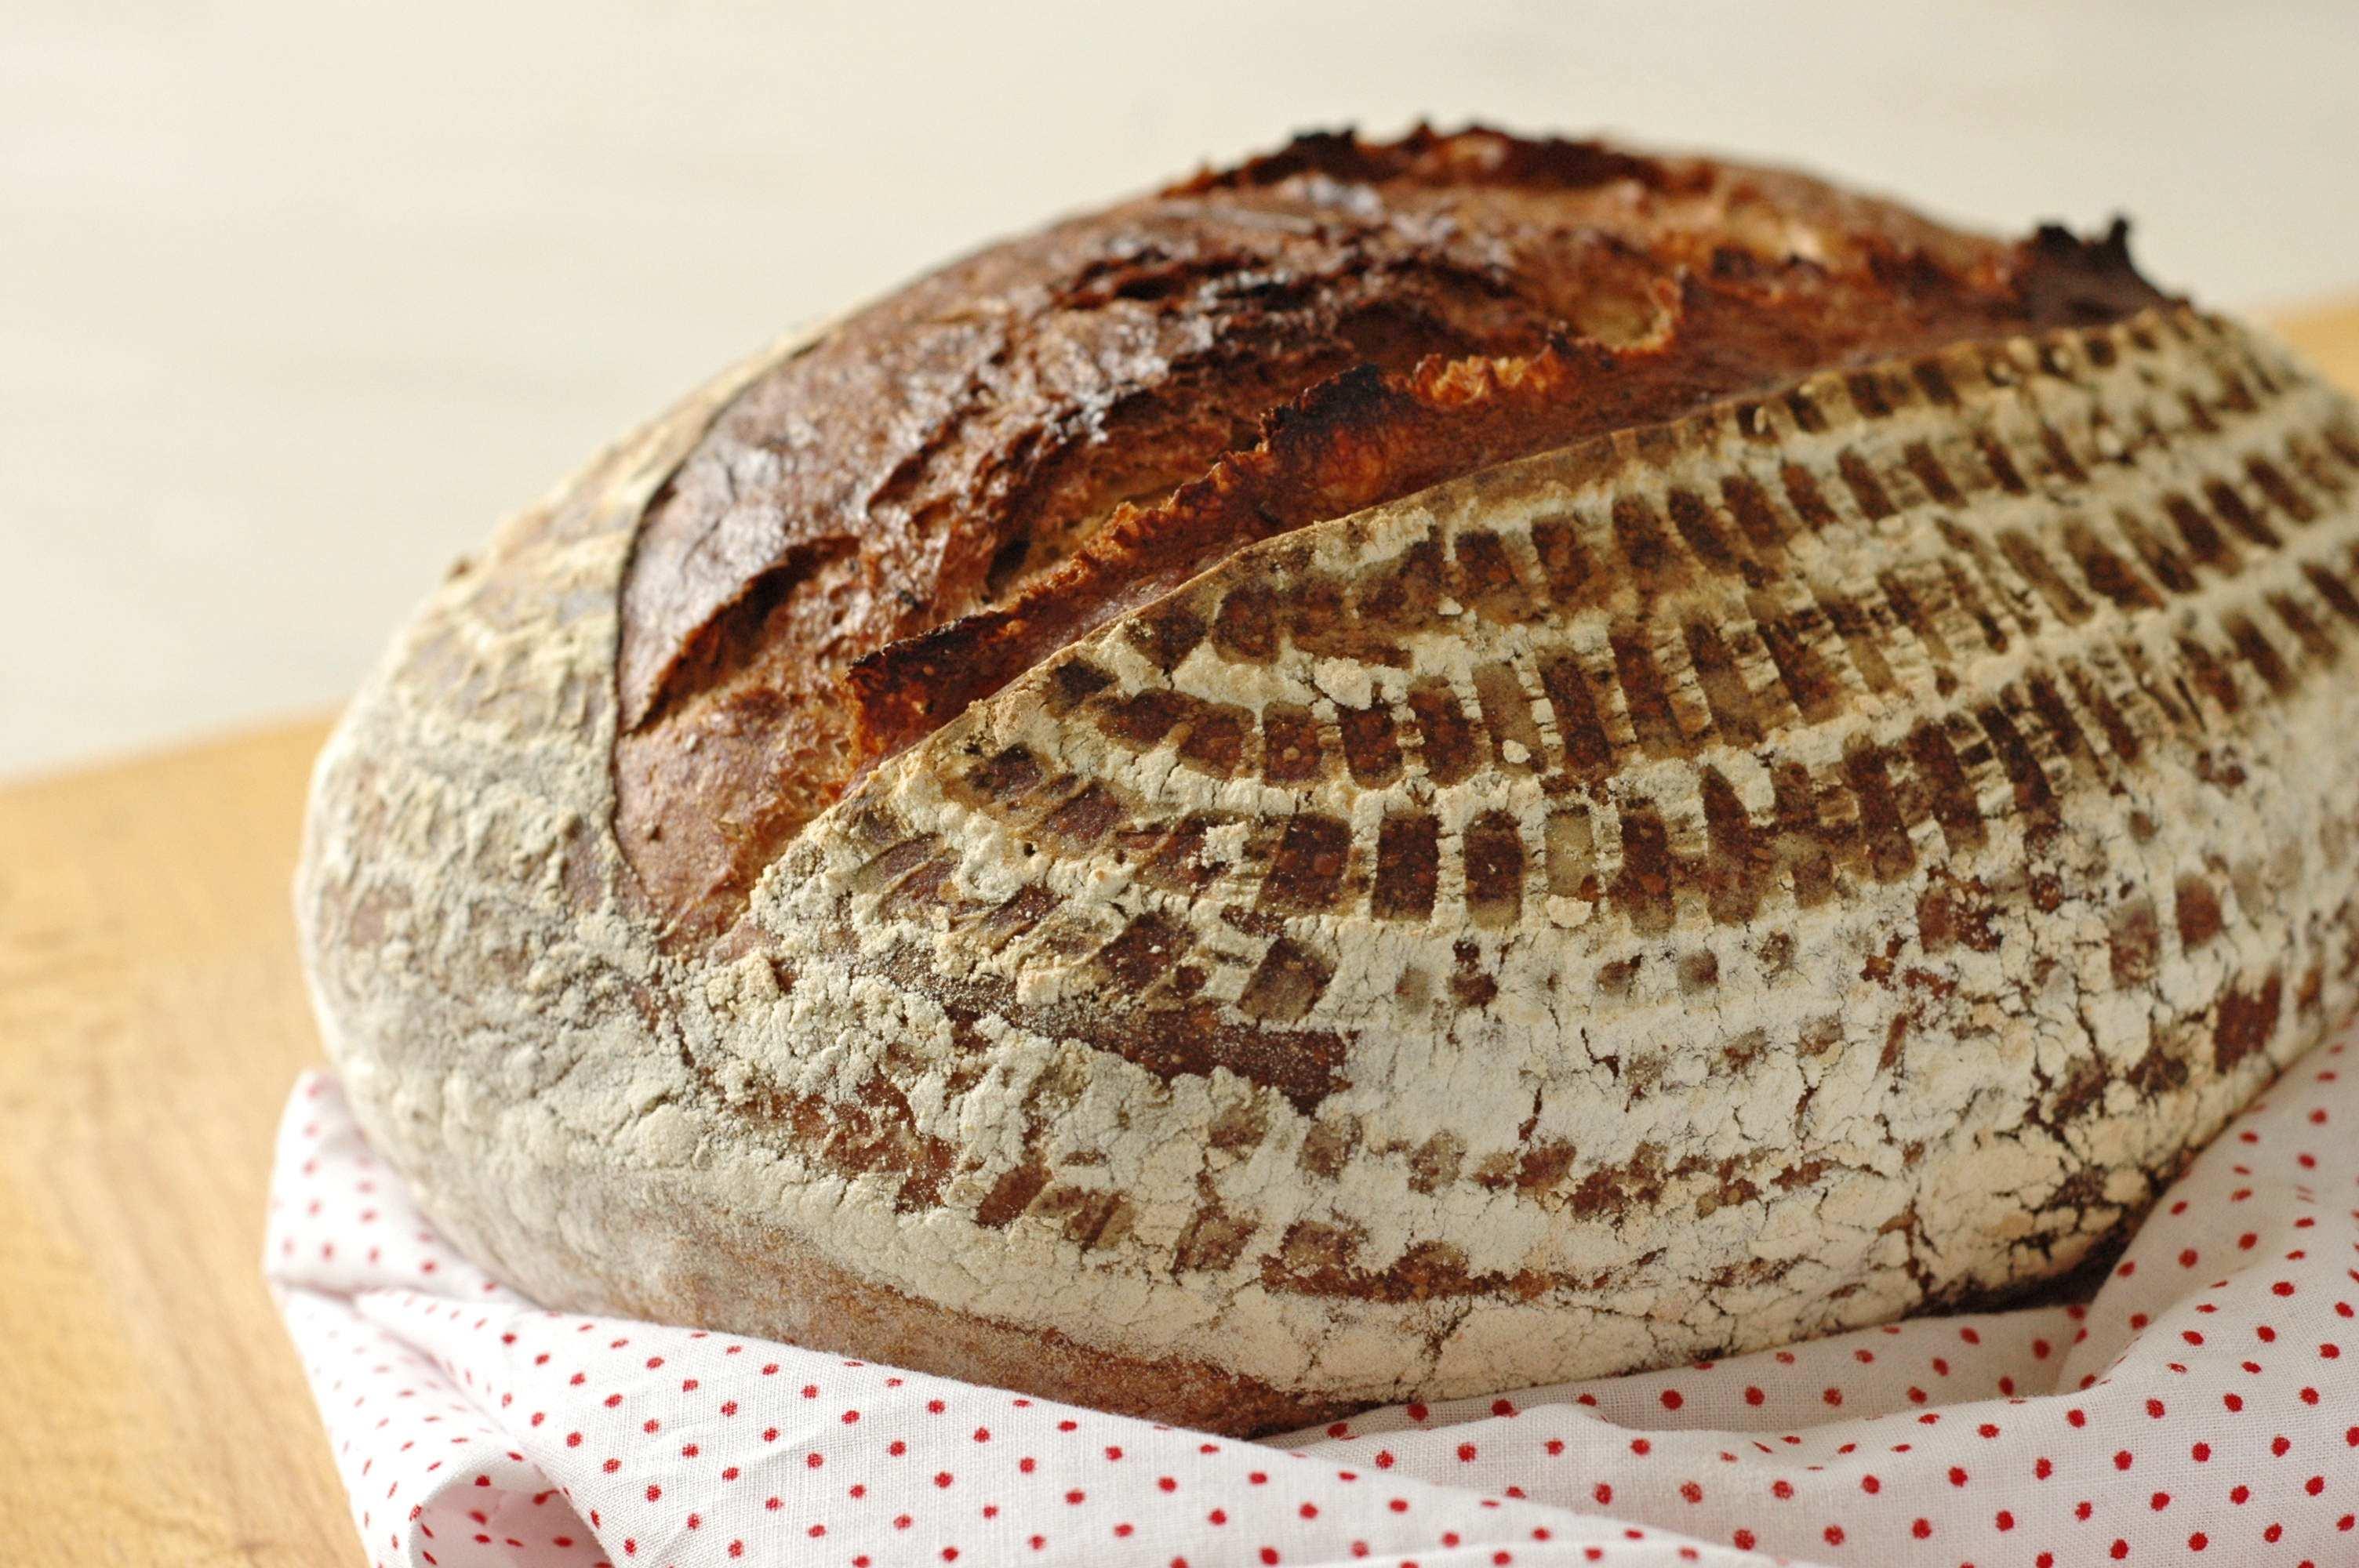 Kolik stojí domácí chleba?